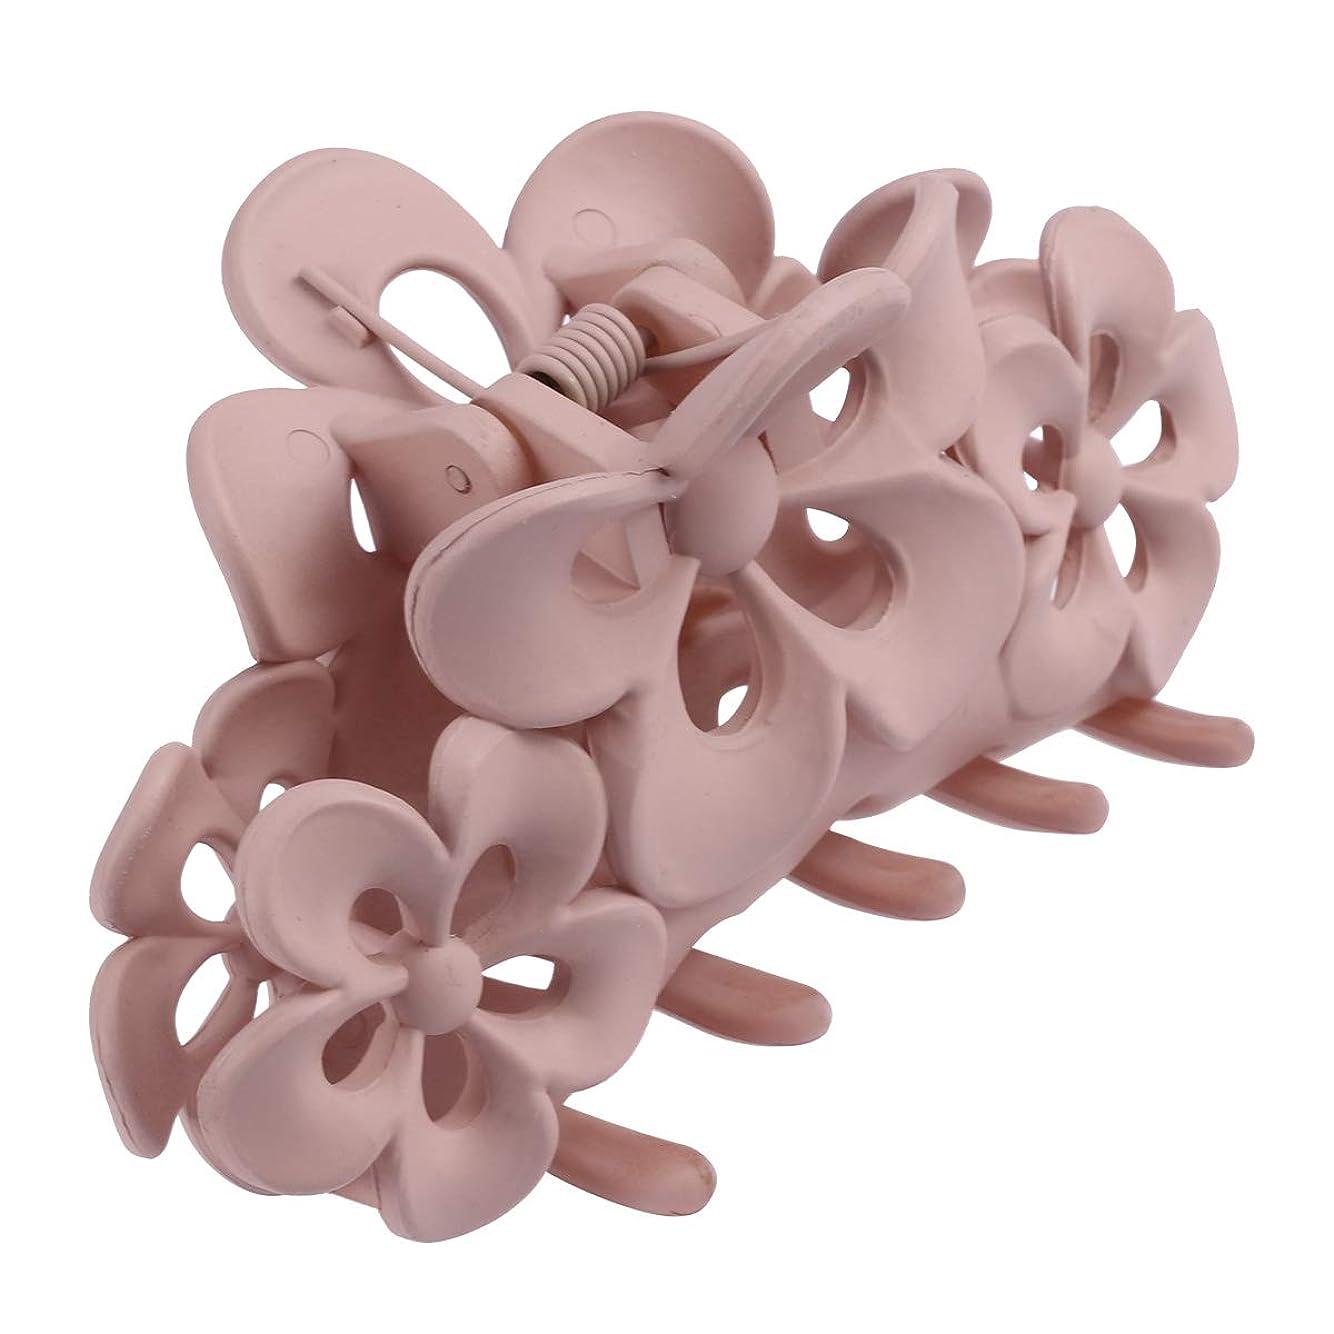 暗記する暴行ダムBeaupretty アクリルの髪の毛の爪大きな髪の毛の爪くぎの爪髪の梅の花ファッションヘアアクセサリー(カーキ色)